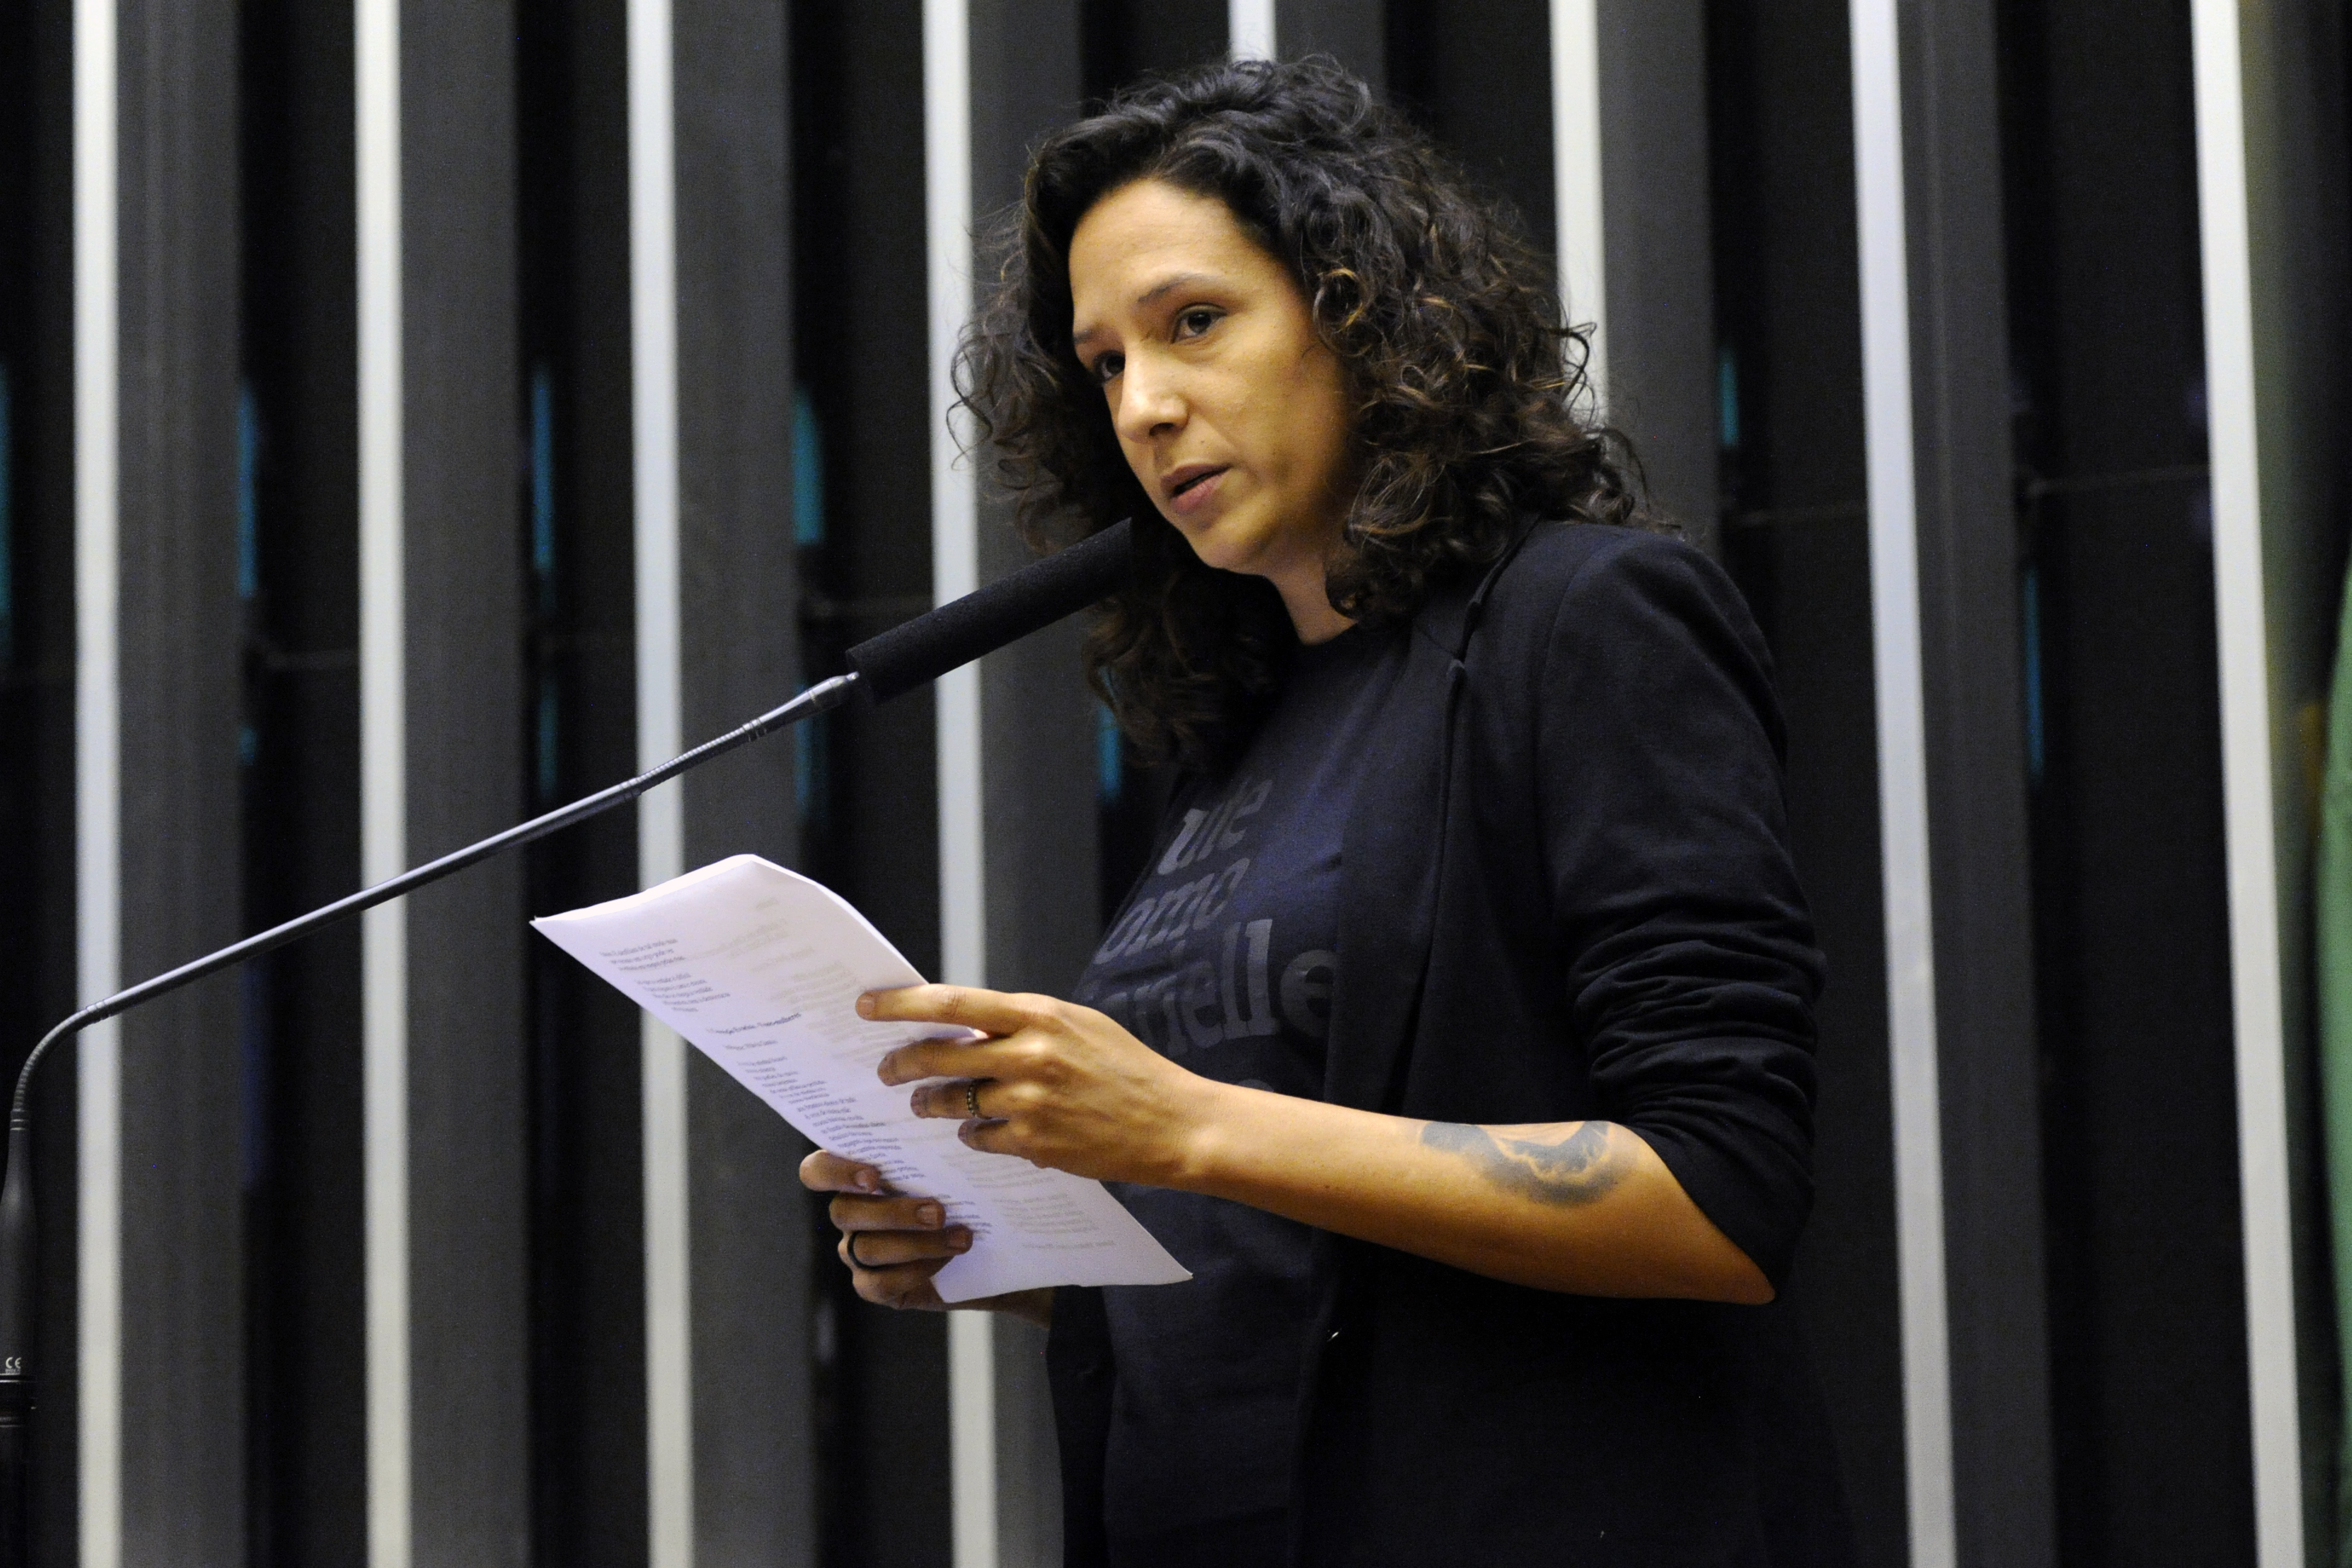 Homenagem ao Dia Internacional do Direito à Verdade. Apresentação da poesia